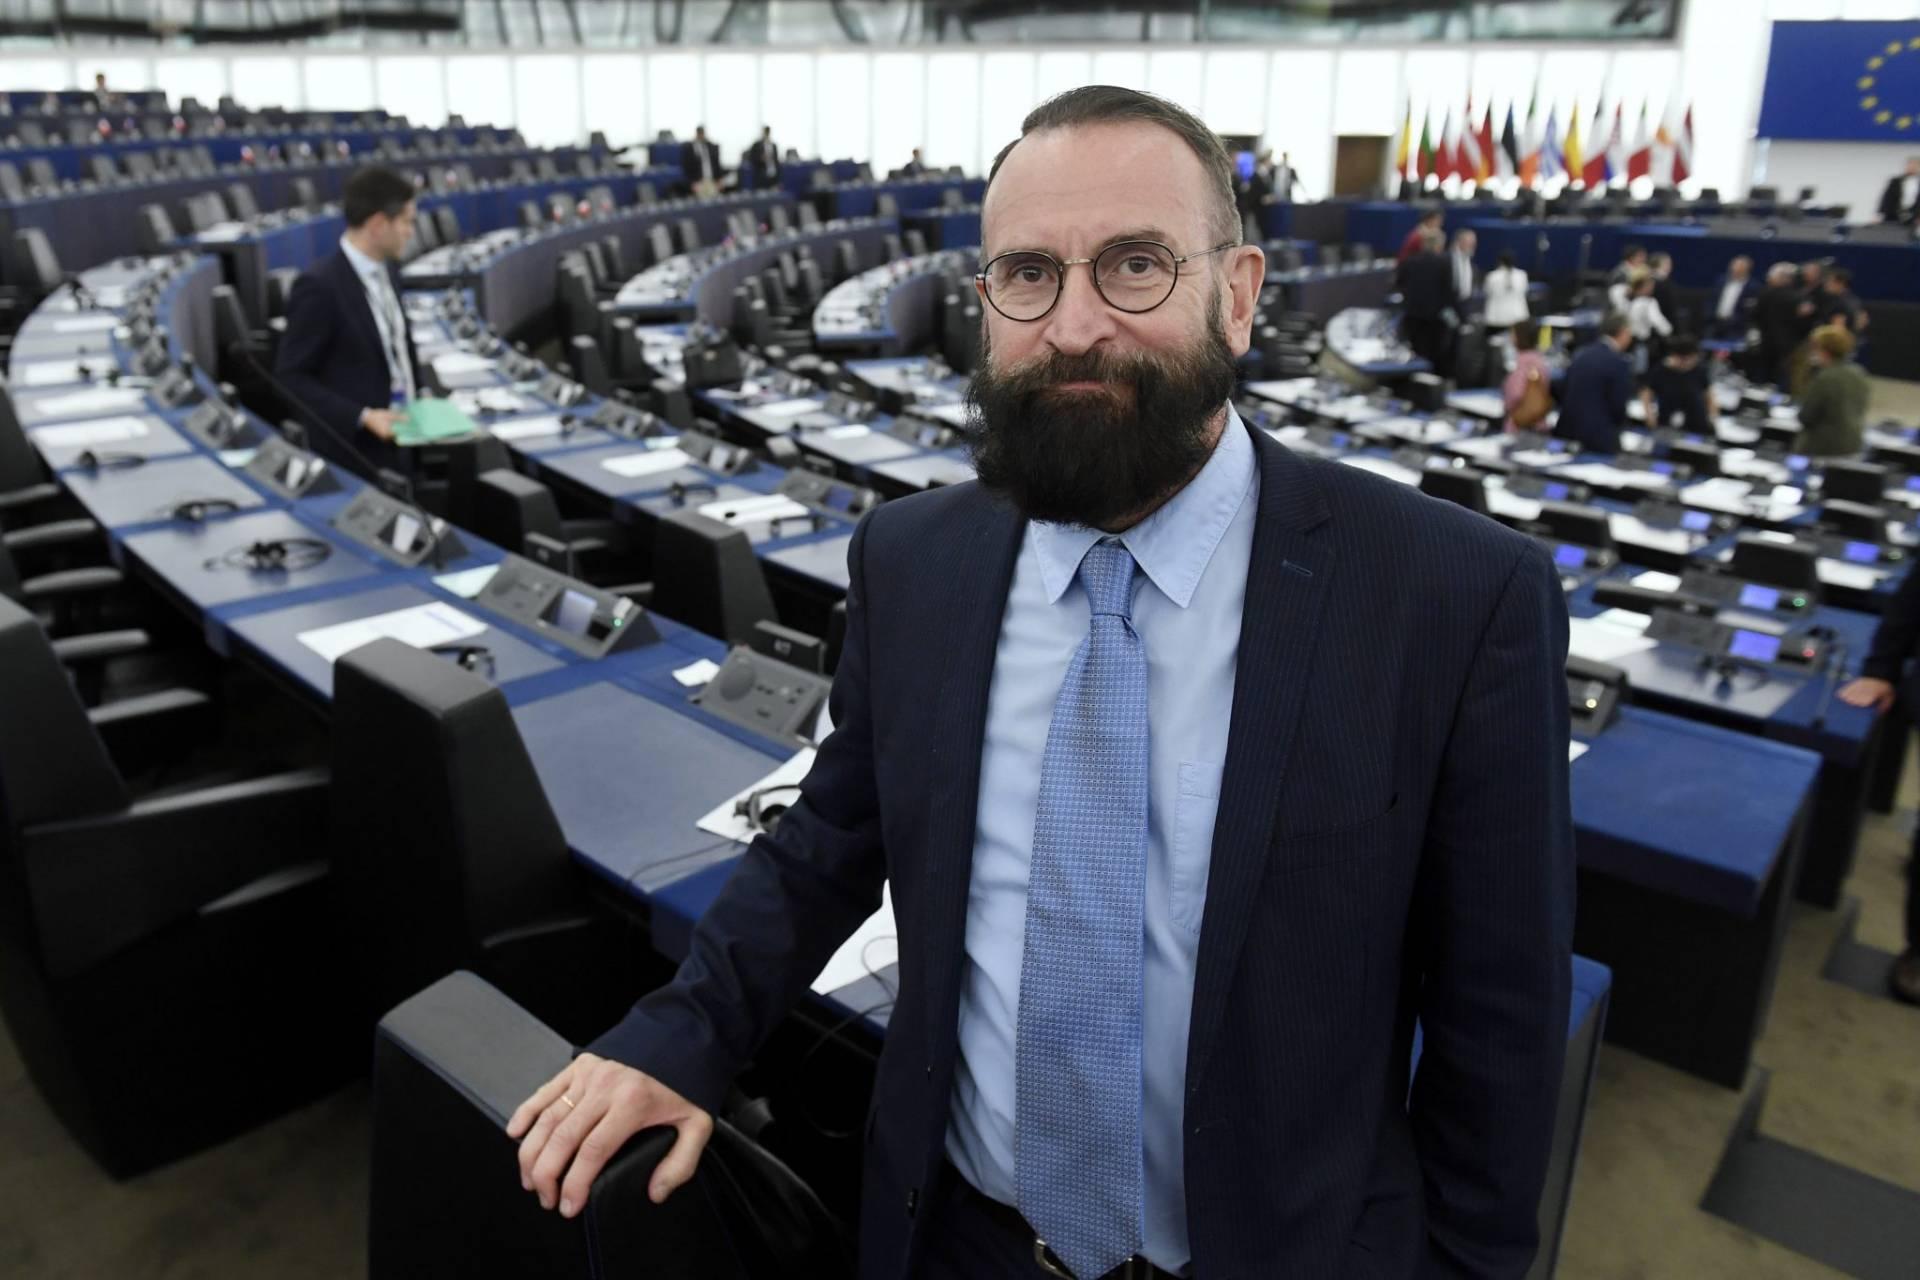 """Eurodeputado precursor da proibição do casamento gay na Hungria apanhado em """"orgia"""" homossexual"""